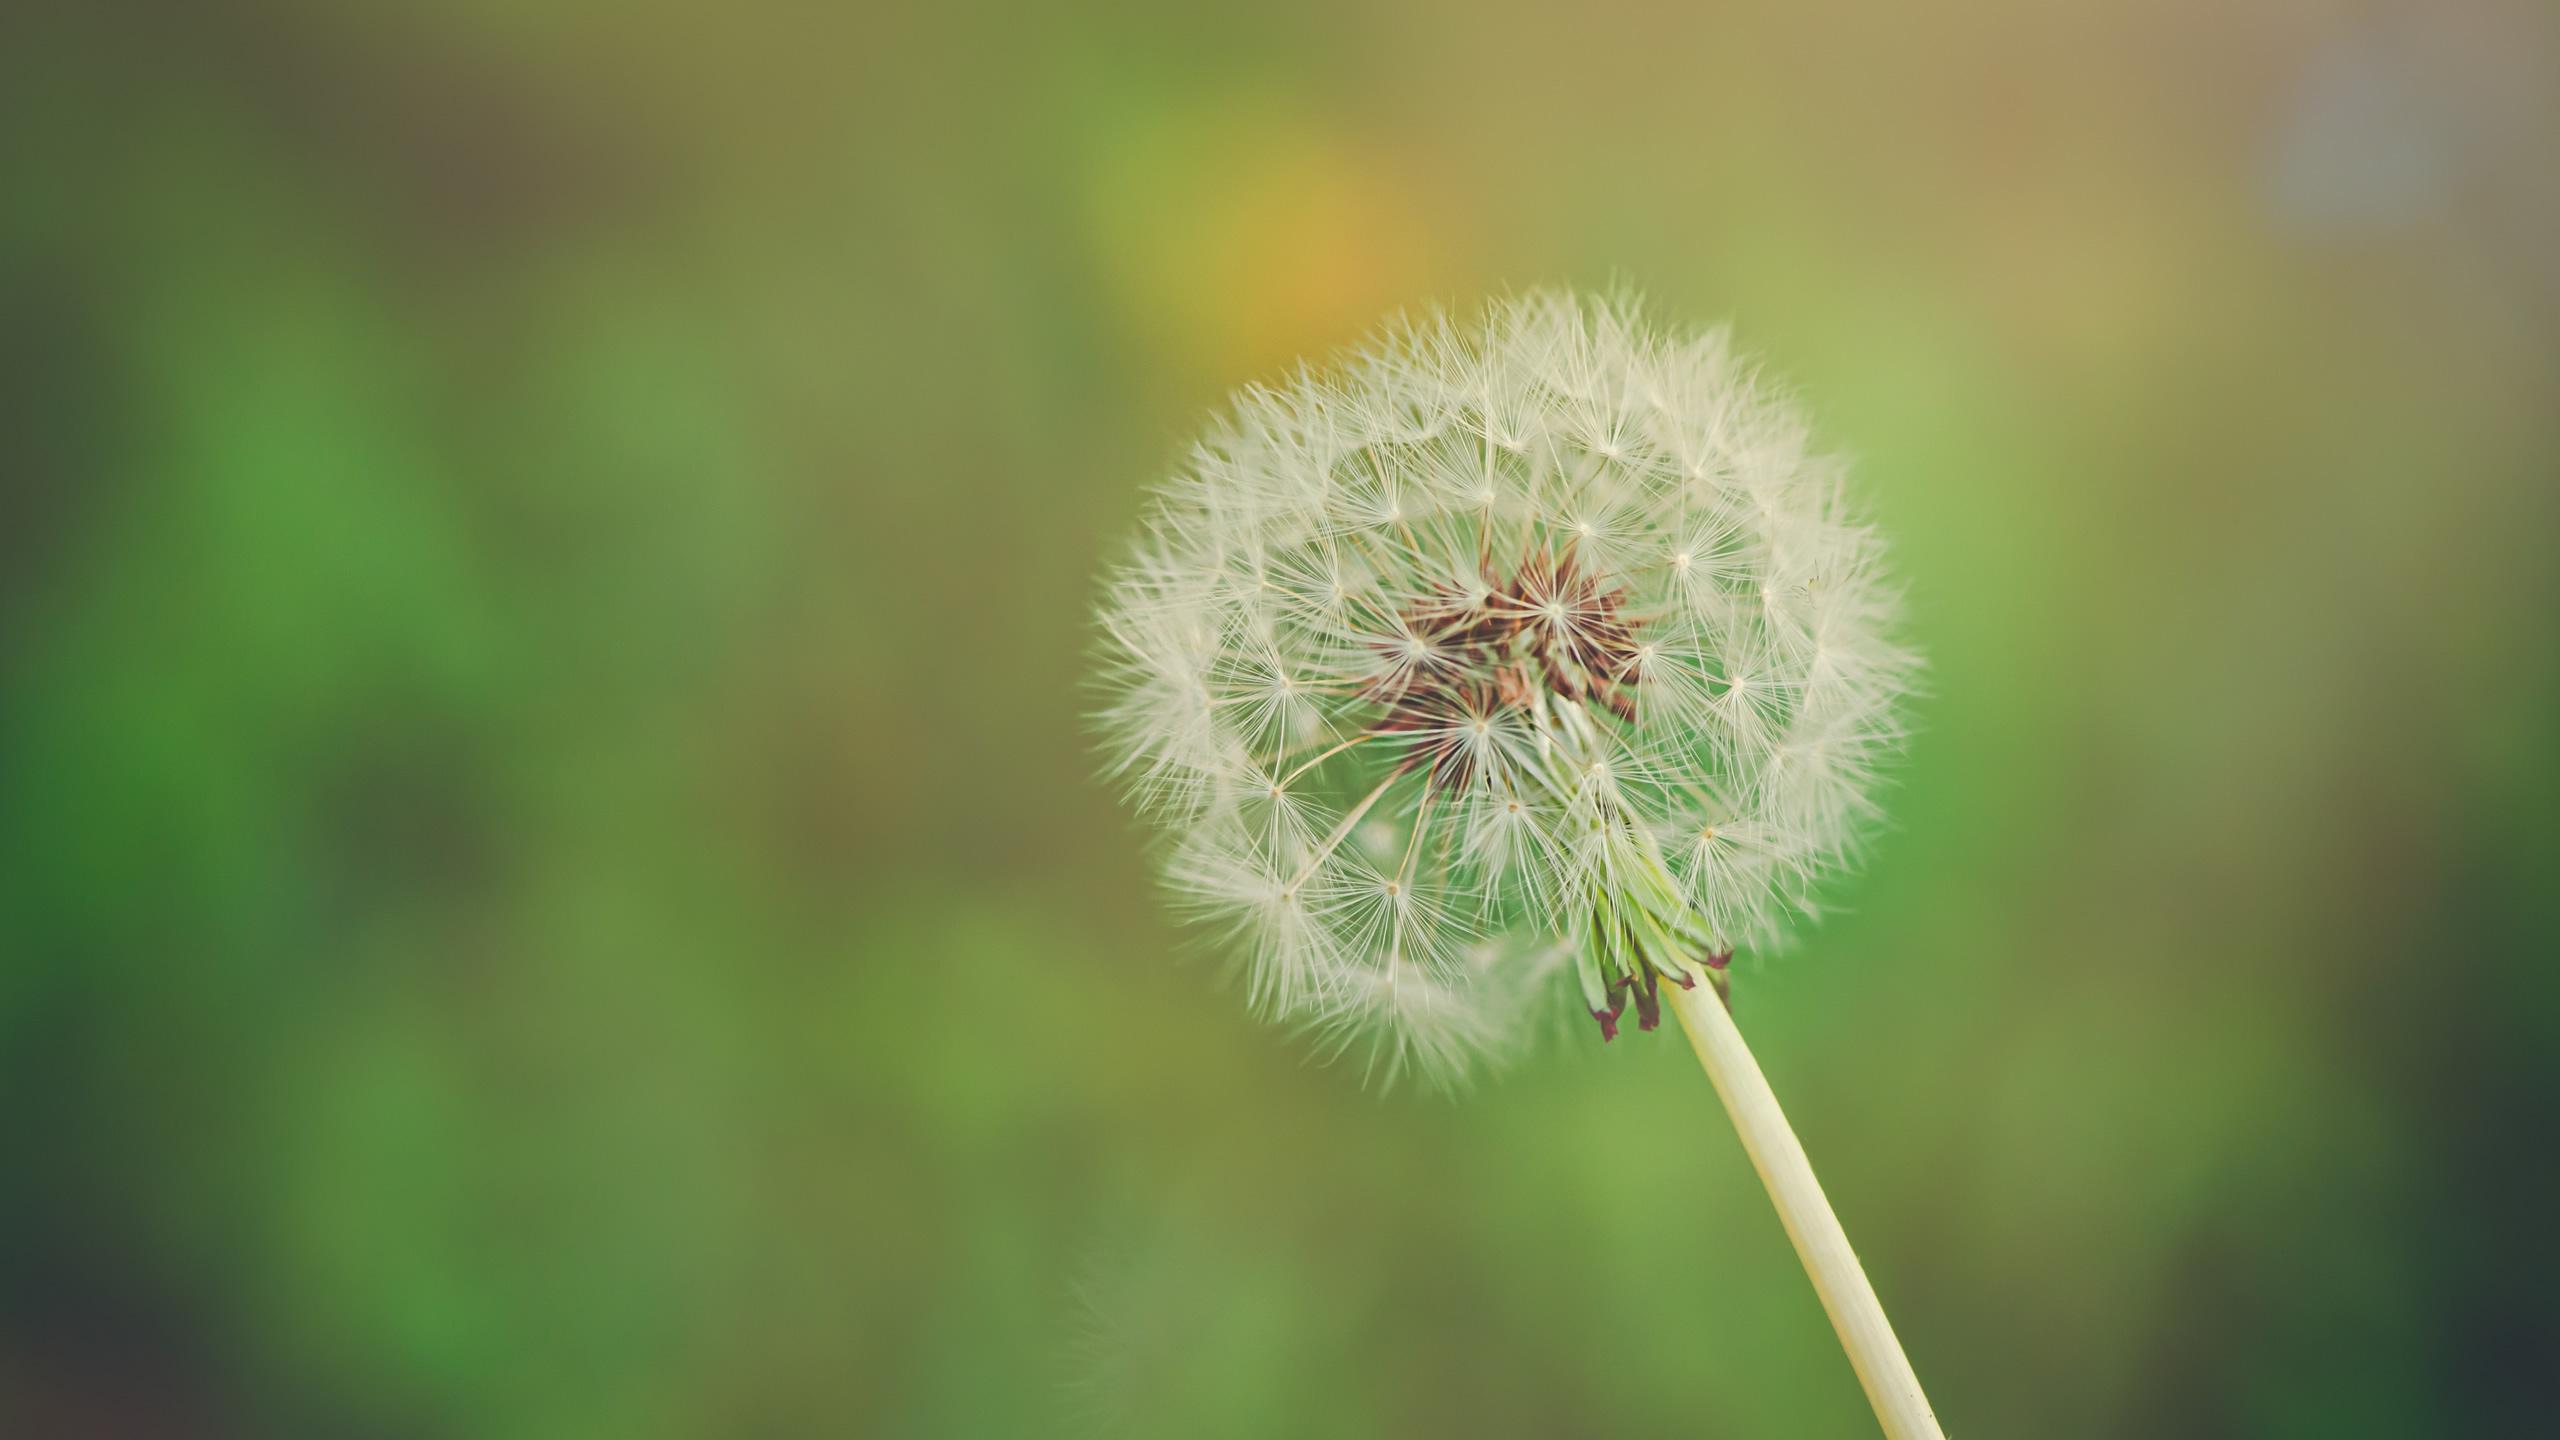 Dandelion Wallpaper - Make A Wish